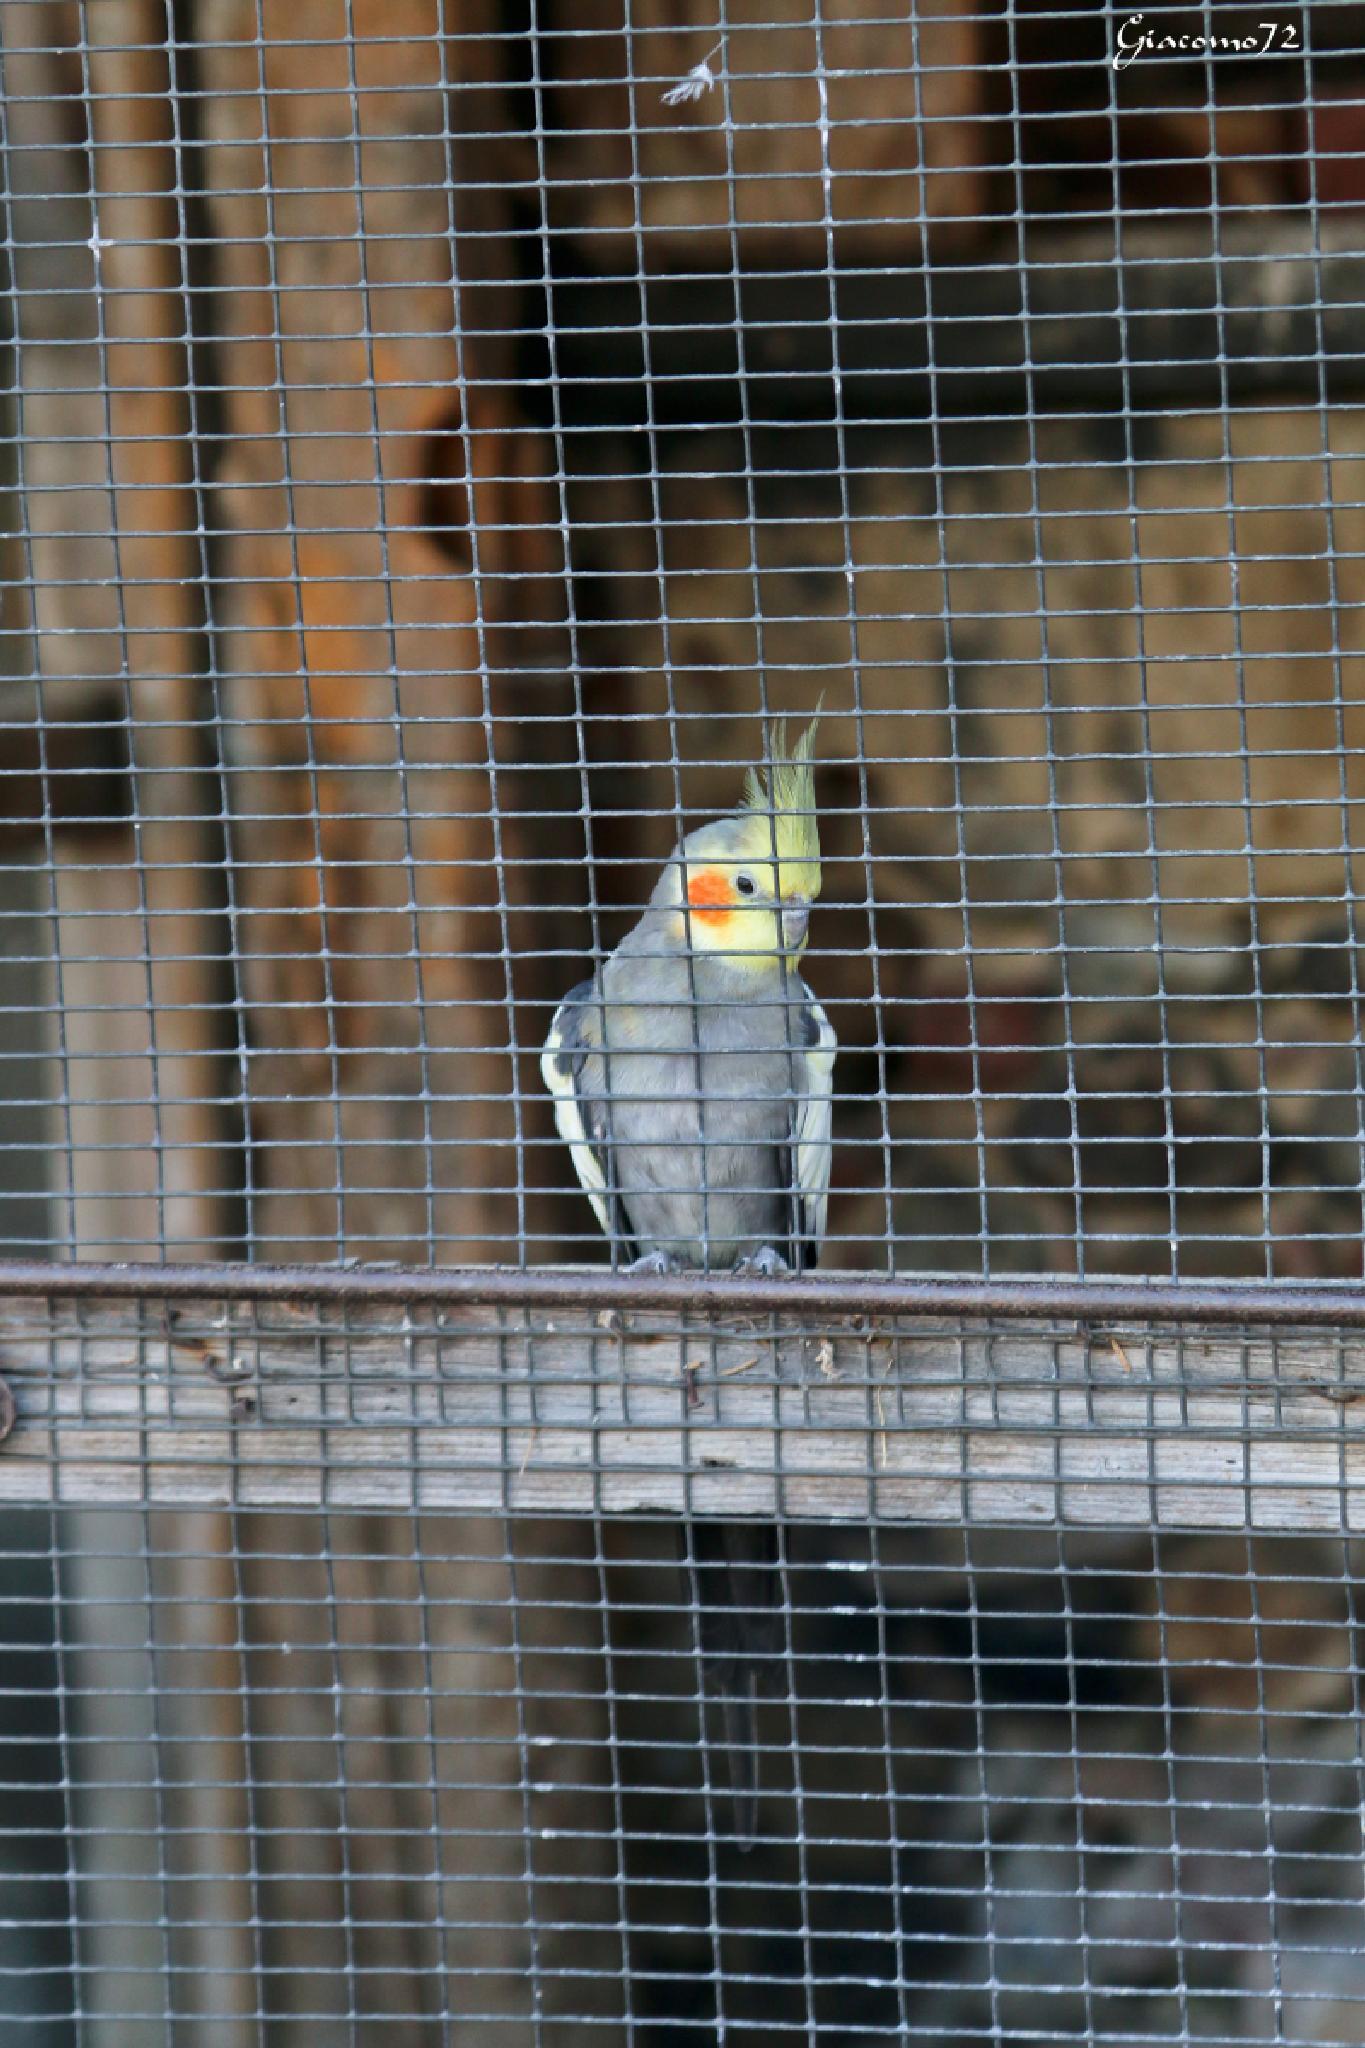 Il re in prigione by Giacomo72